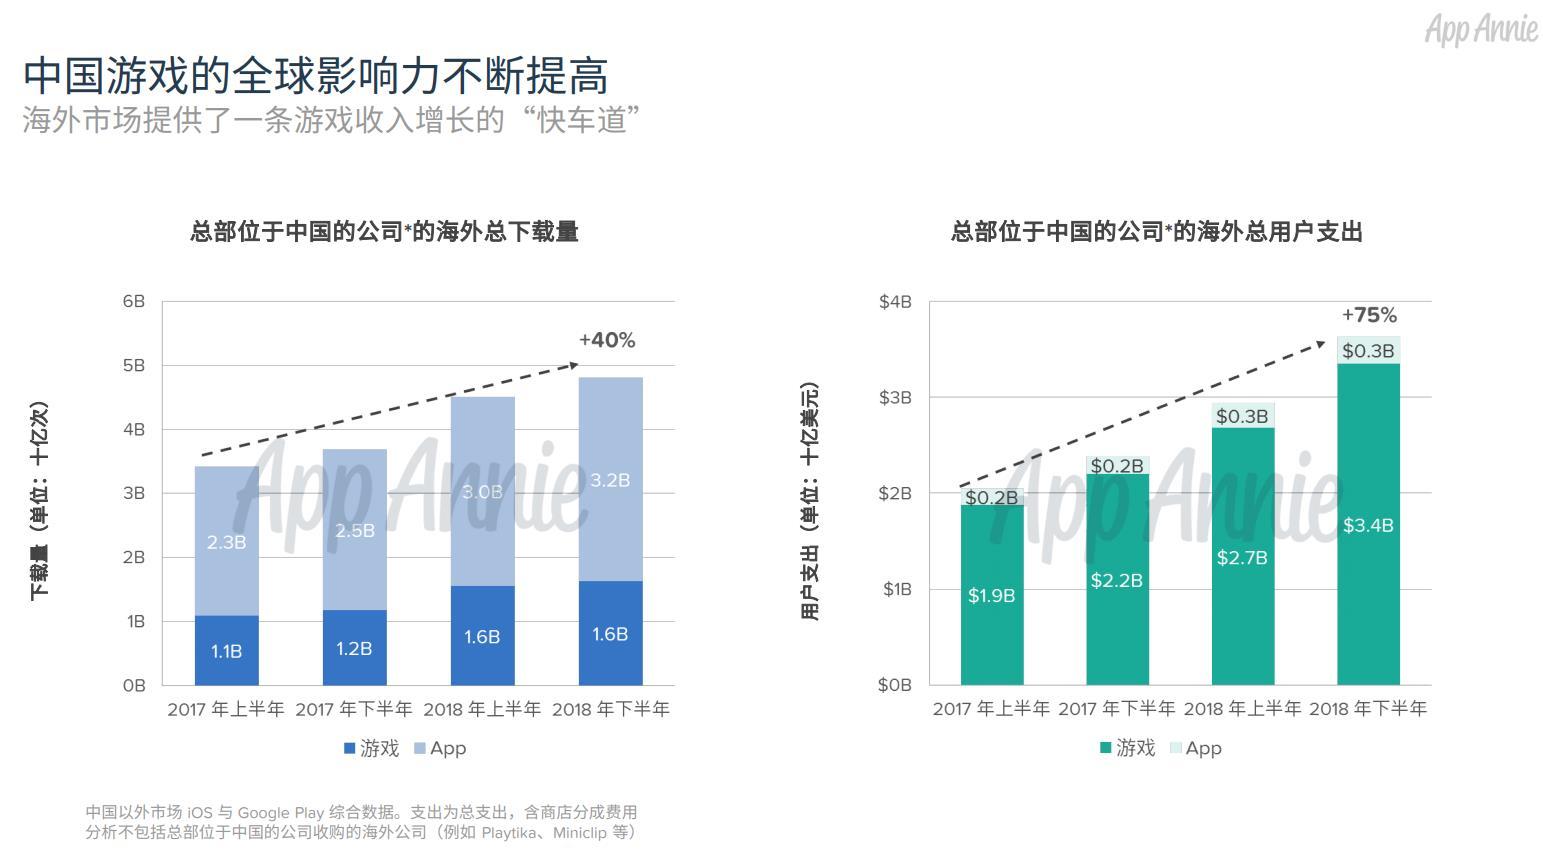 2018年中国发行商海外手游下载量32亿次